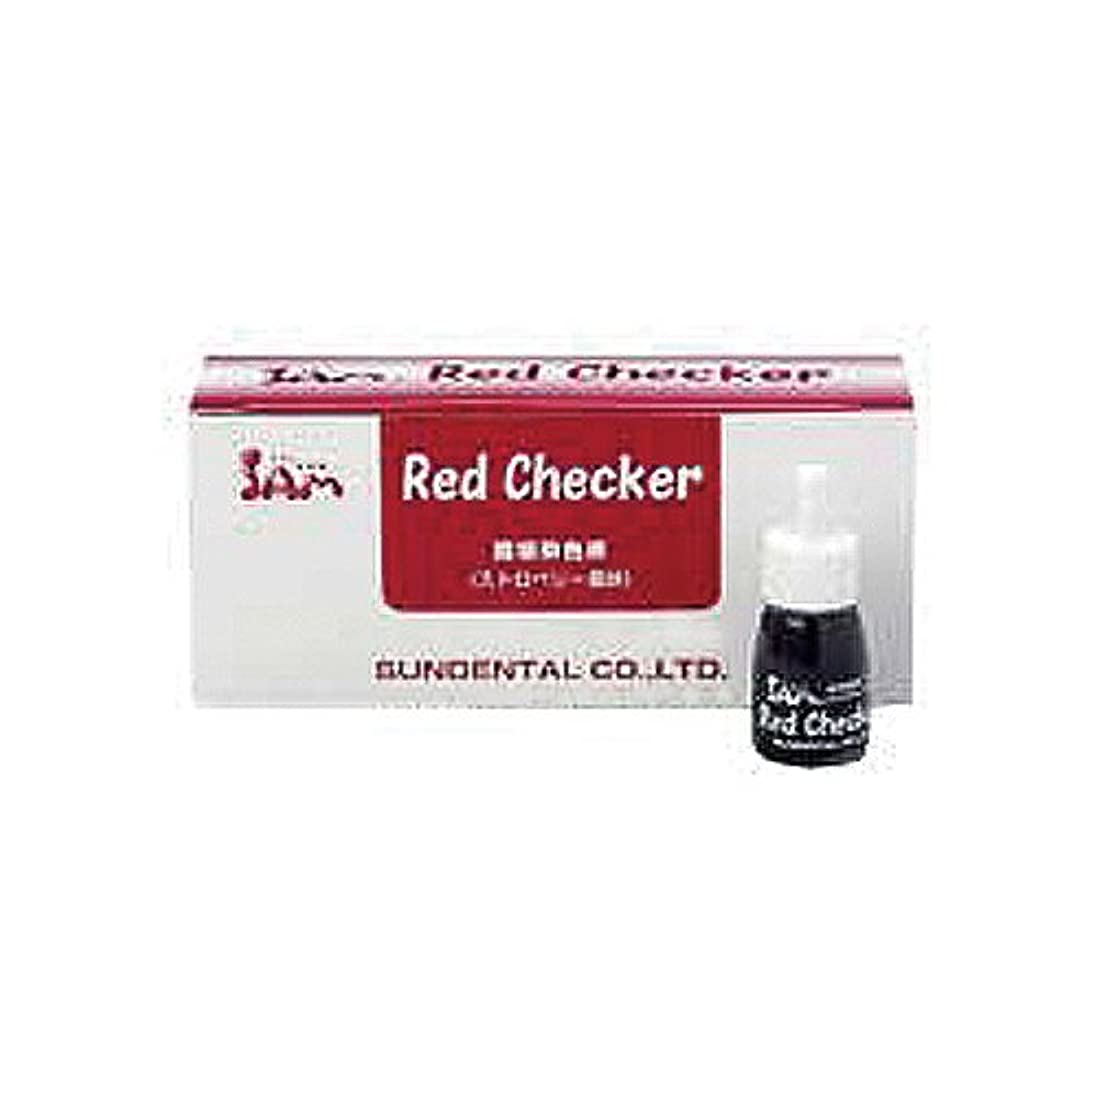 サムフレンド レッドチェッカー Red Checker 5ml × 12本